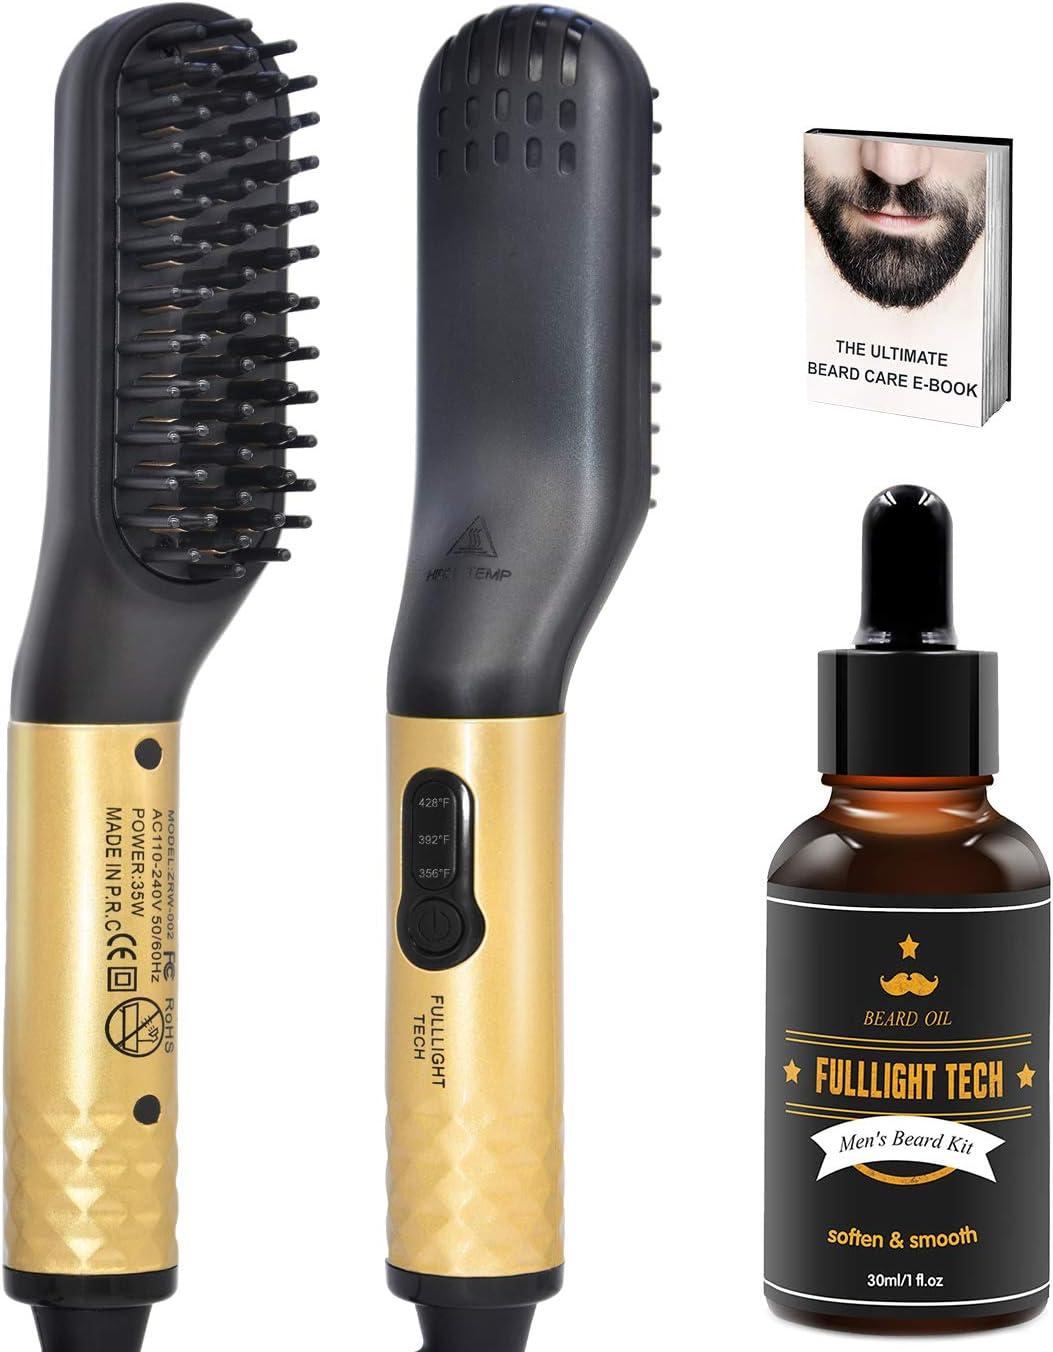 Cepillo Alisador de Barba,Peine Alisador Barba Hombre con 30ml Peine para Barba eBook gratuito de barba,único kit cuidados barba día del padre regalo original san valentin cumpleanos regalo hombre